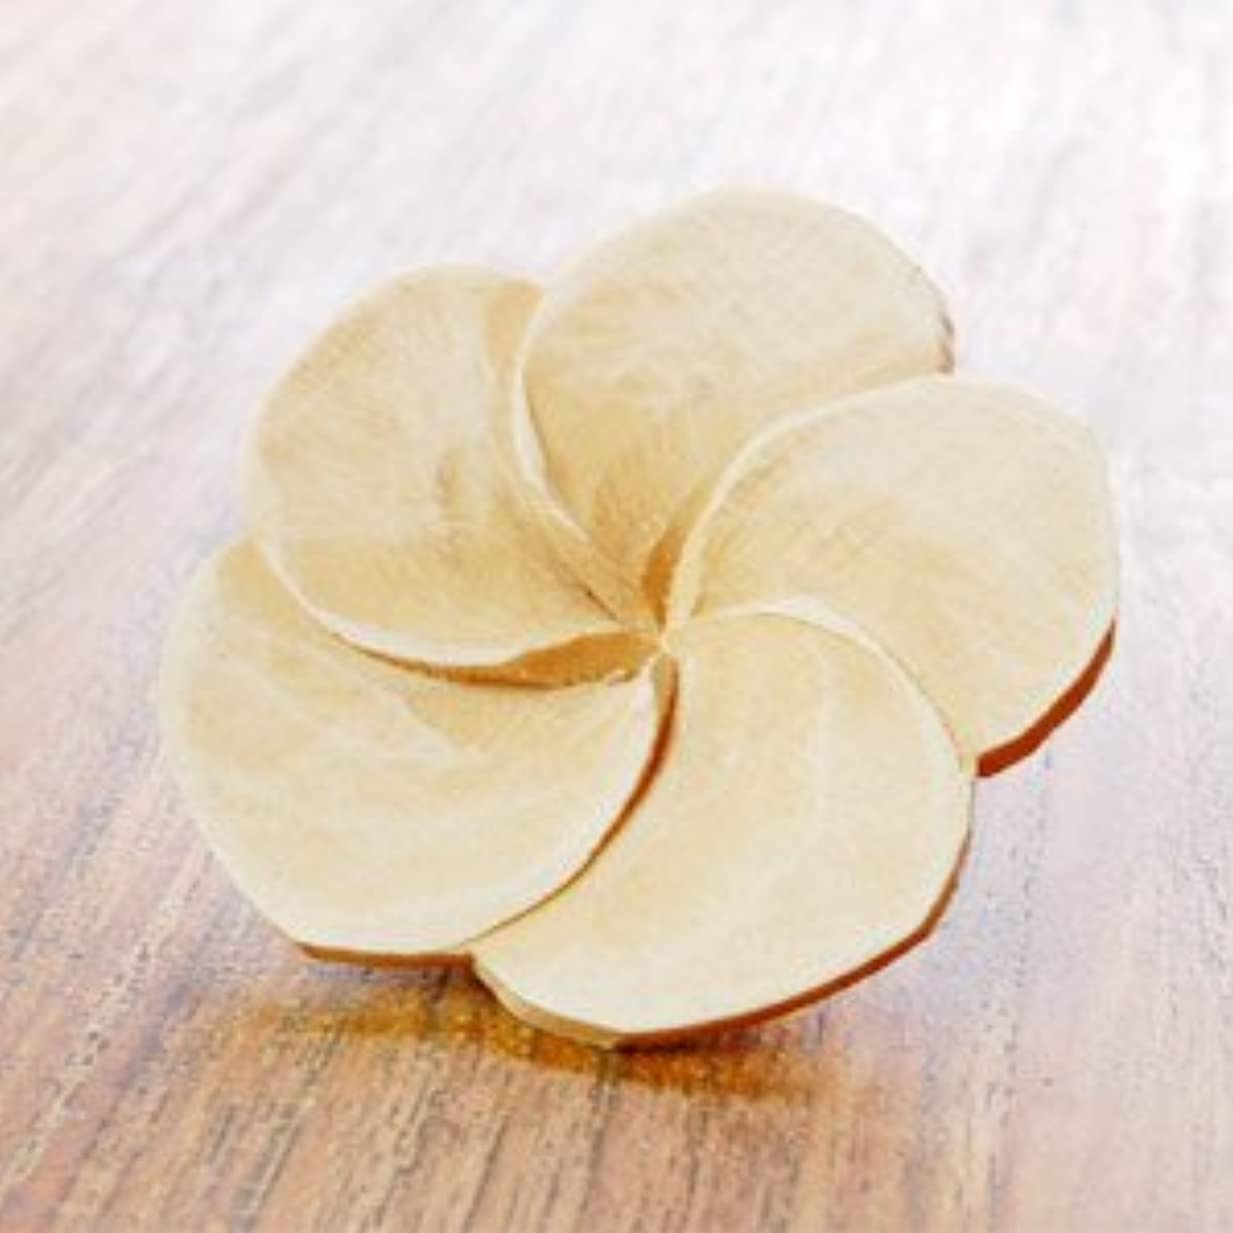 遊具海岸方程式【アジア工房】プルメリアの花びらをモチーフにした木製アロマフラワー[Aタイプ][10891] [並行輸入品]